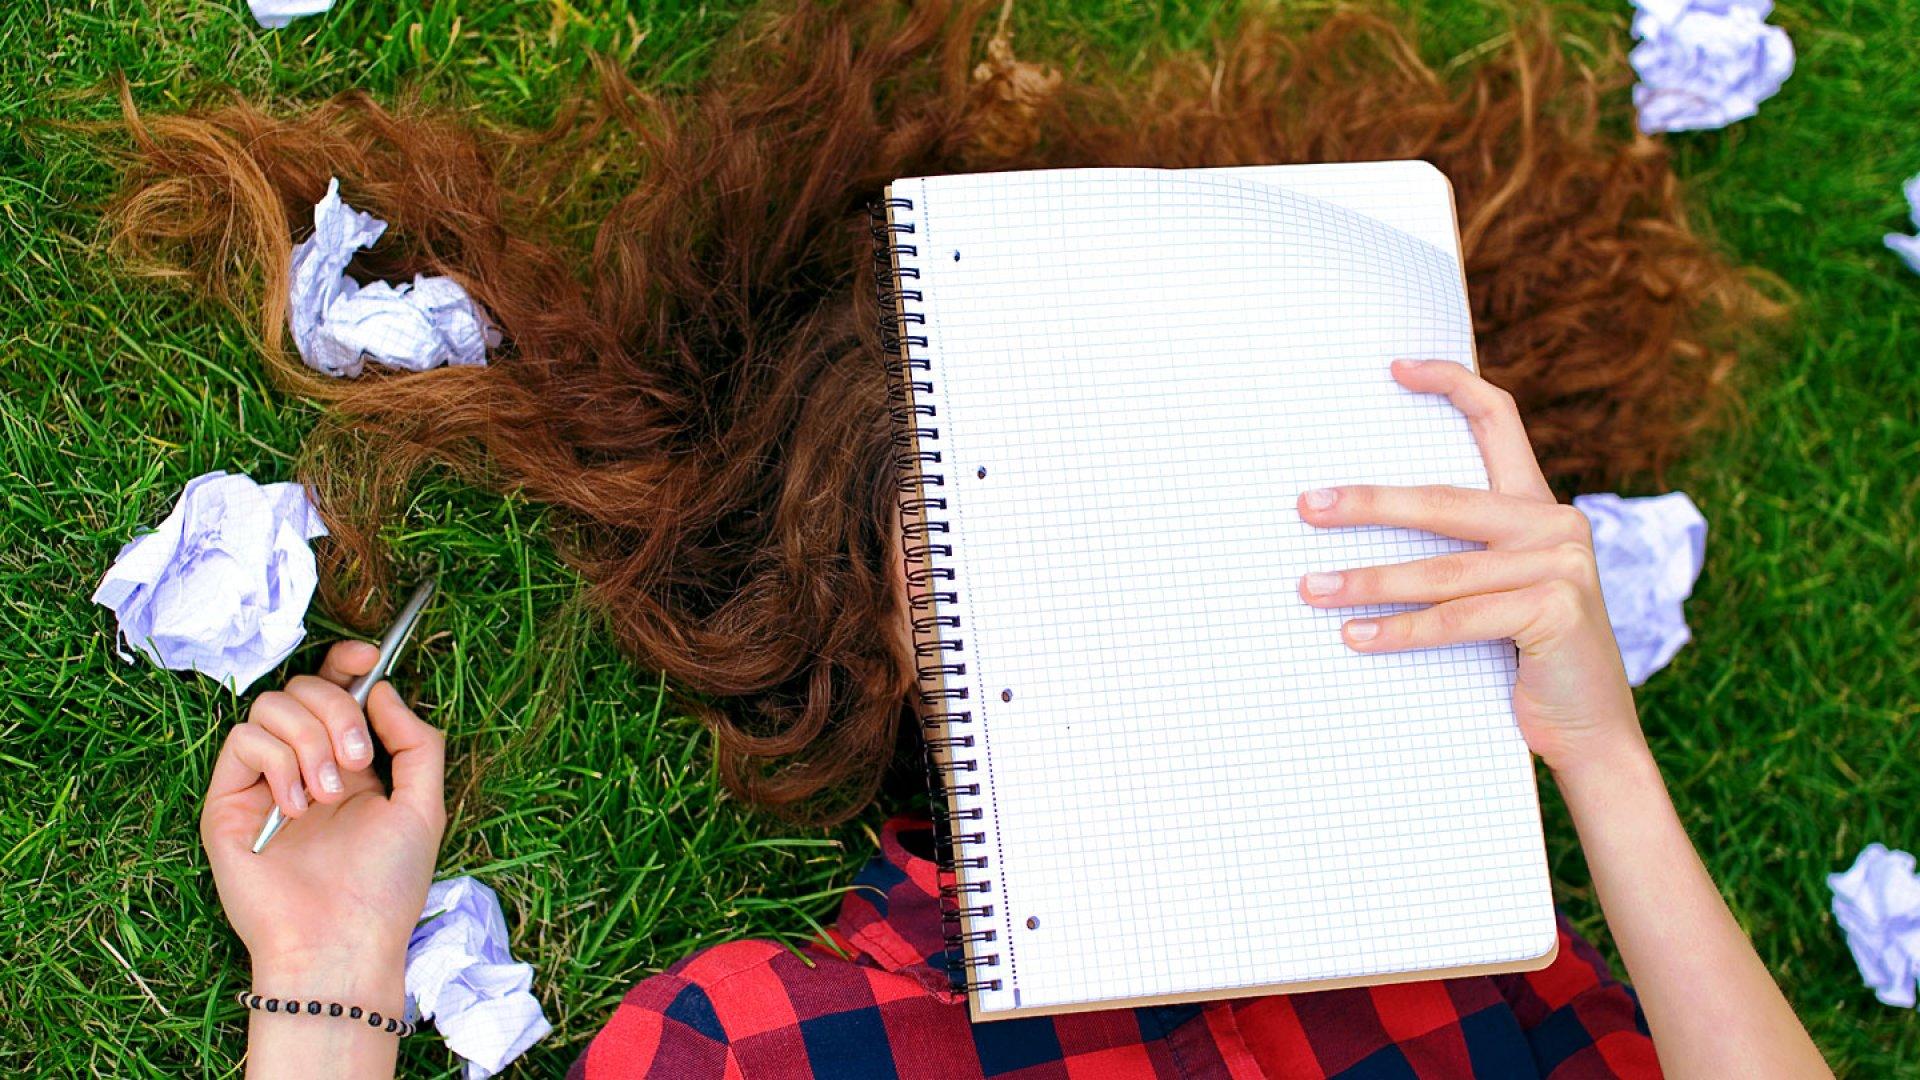 3 Brilliant Mistakes: How Failure Can Be the Best Teacher